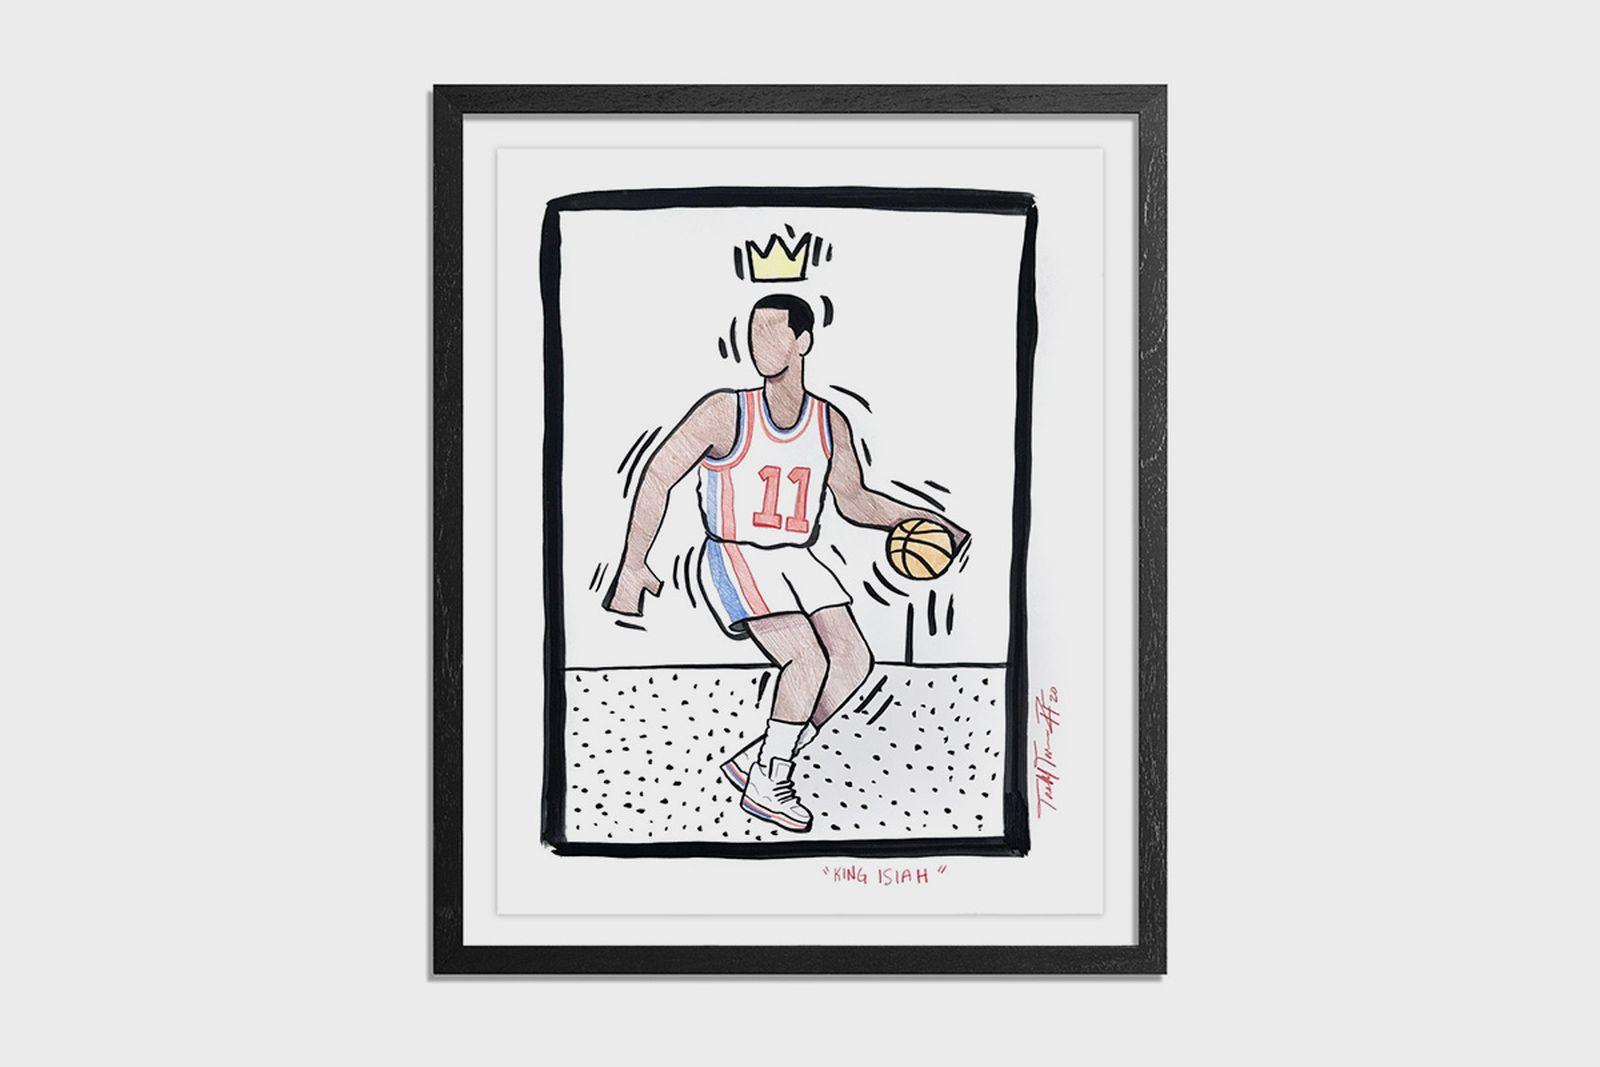 michael-jordan-artworks-gallery5